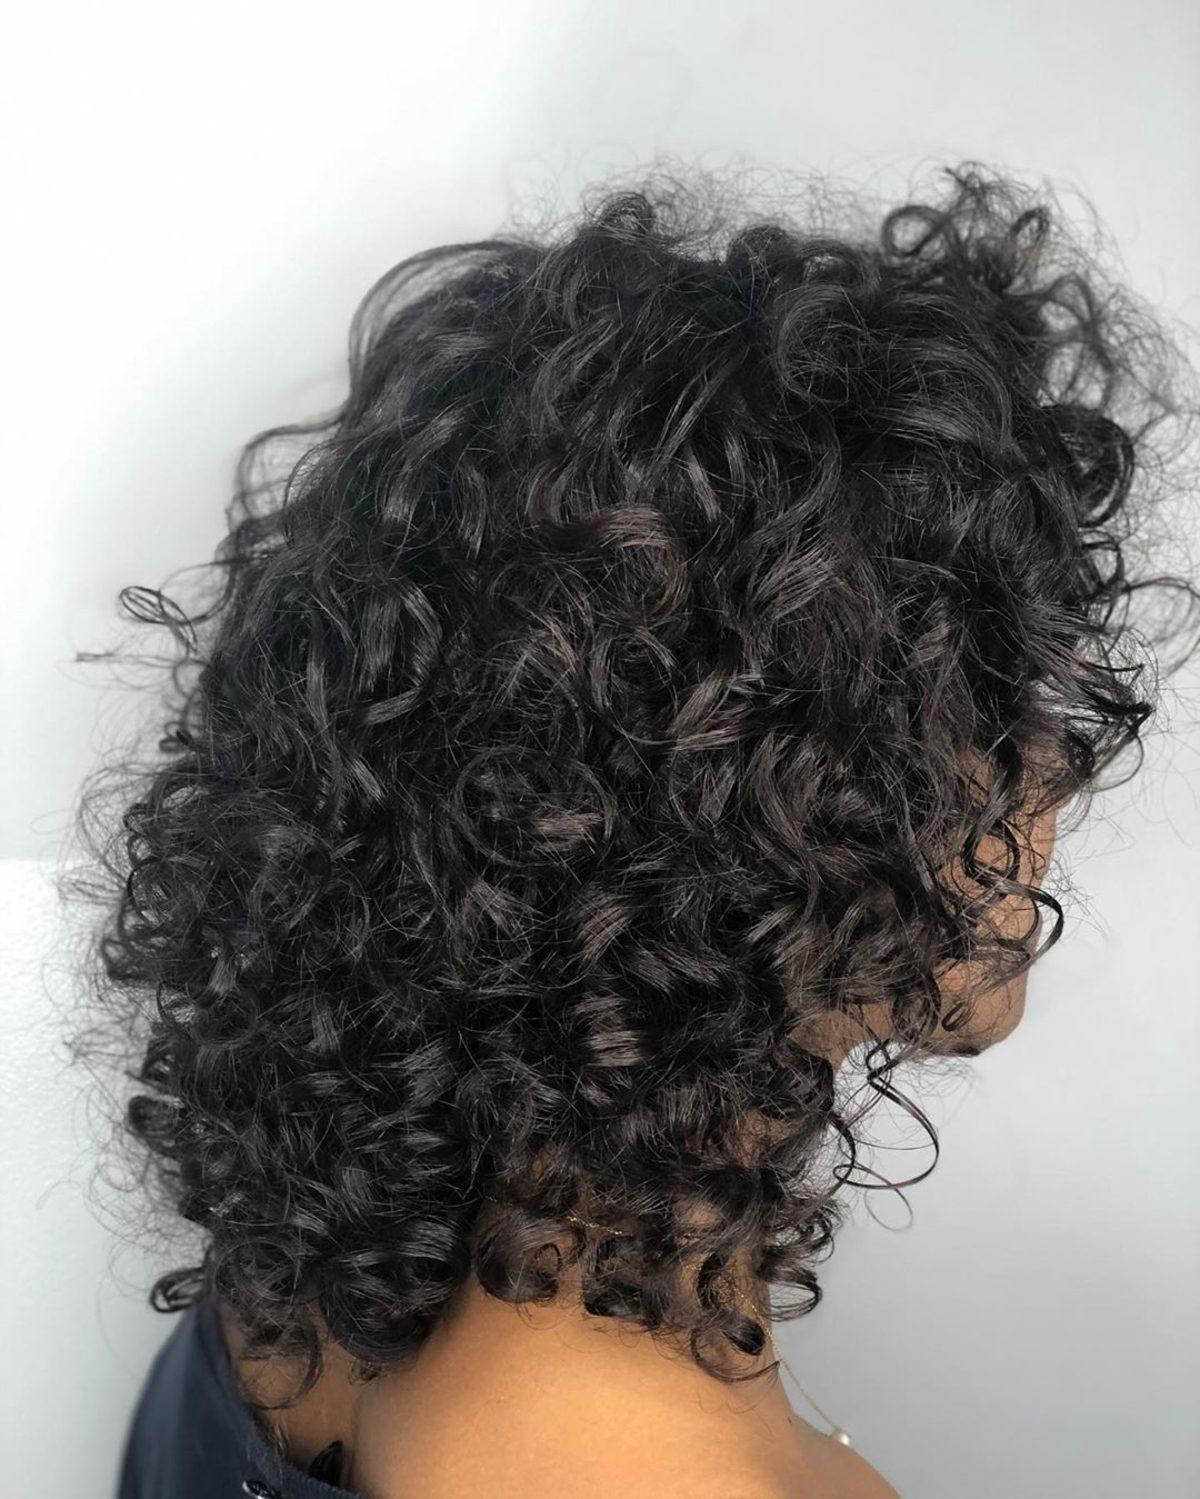 Perm frisé pour les cheveux noirs